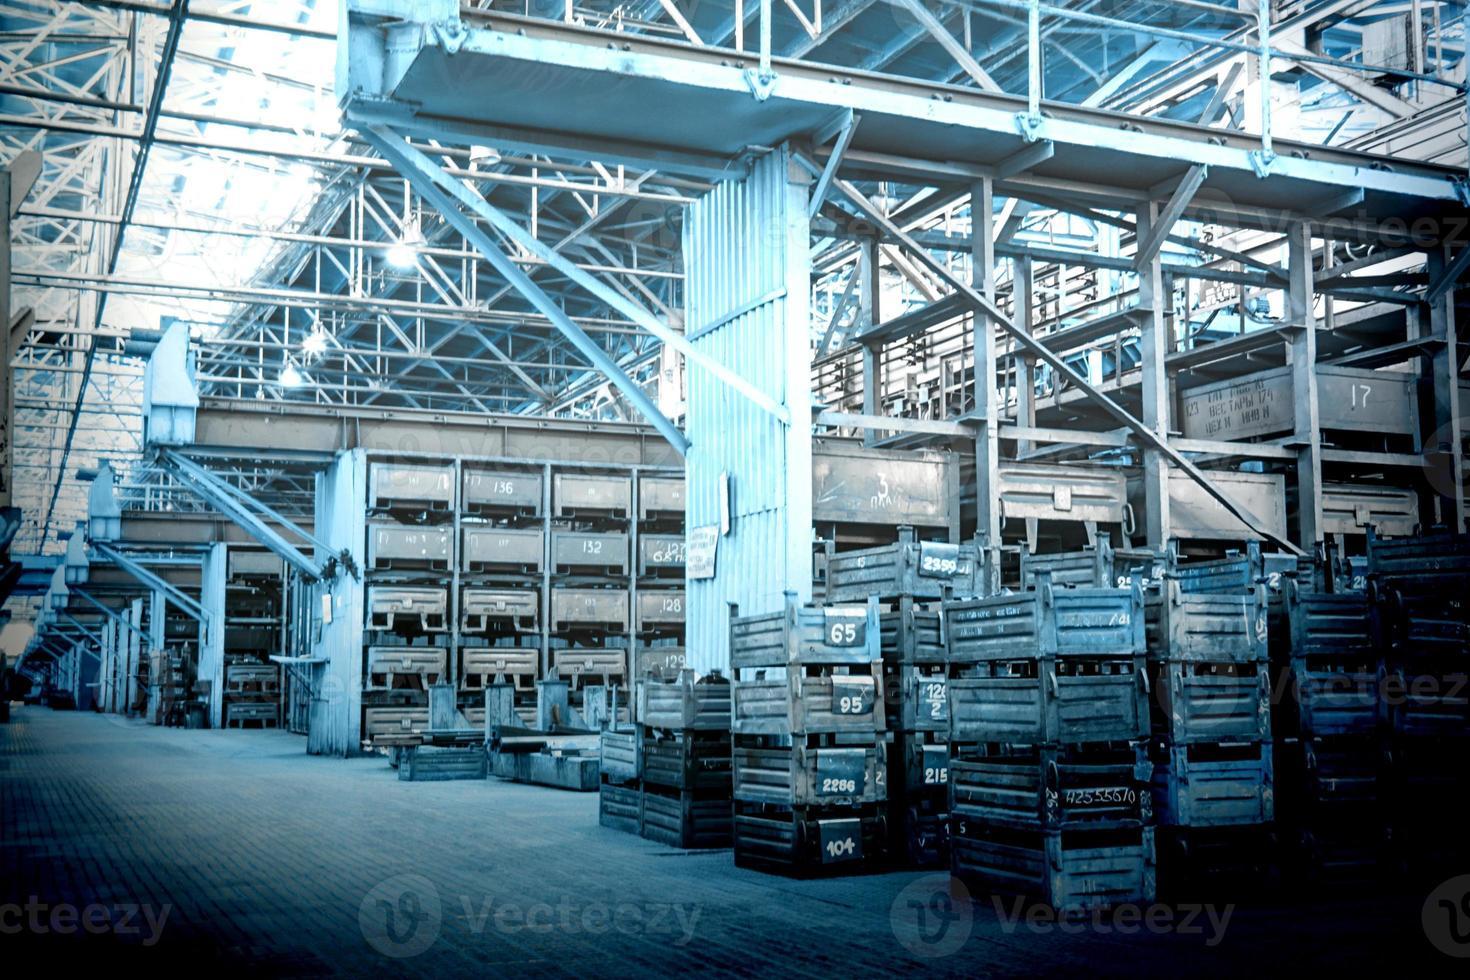 grande salle de stockage avec des boîtes métalliques photo